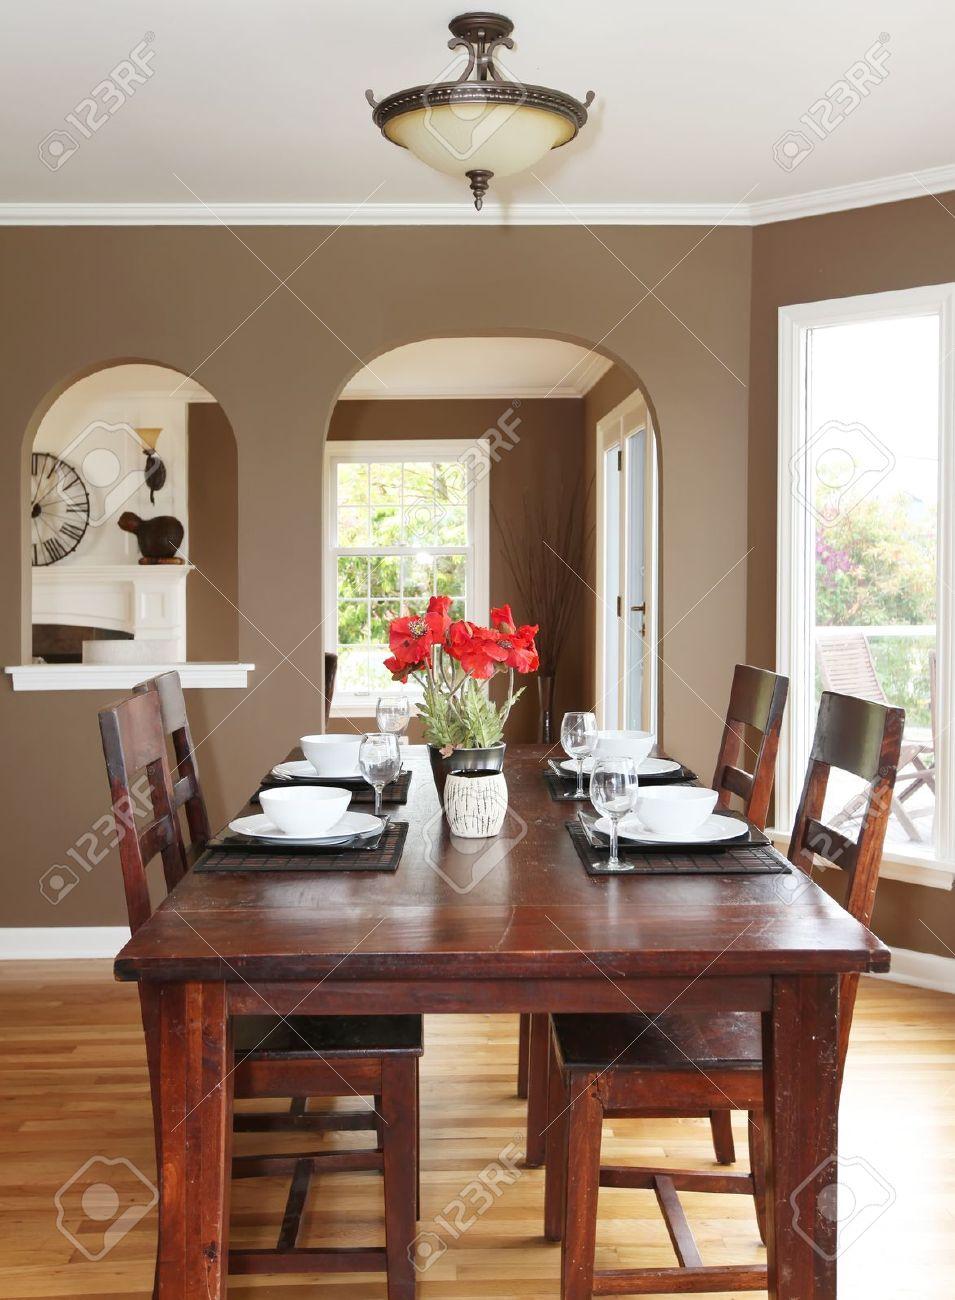 Esszimmer Mit Braunen Wänden Und Holz Tisch In Der Luxus Haus. Standard Bild